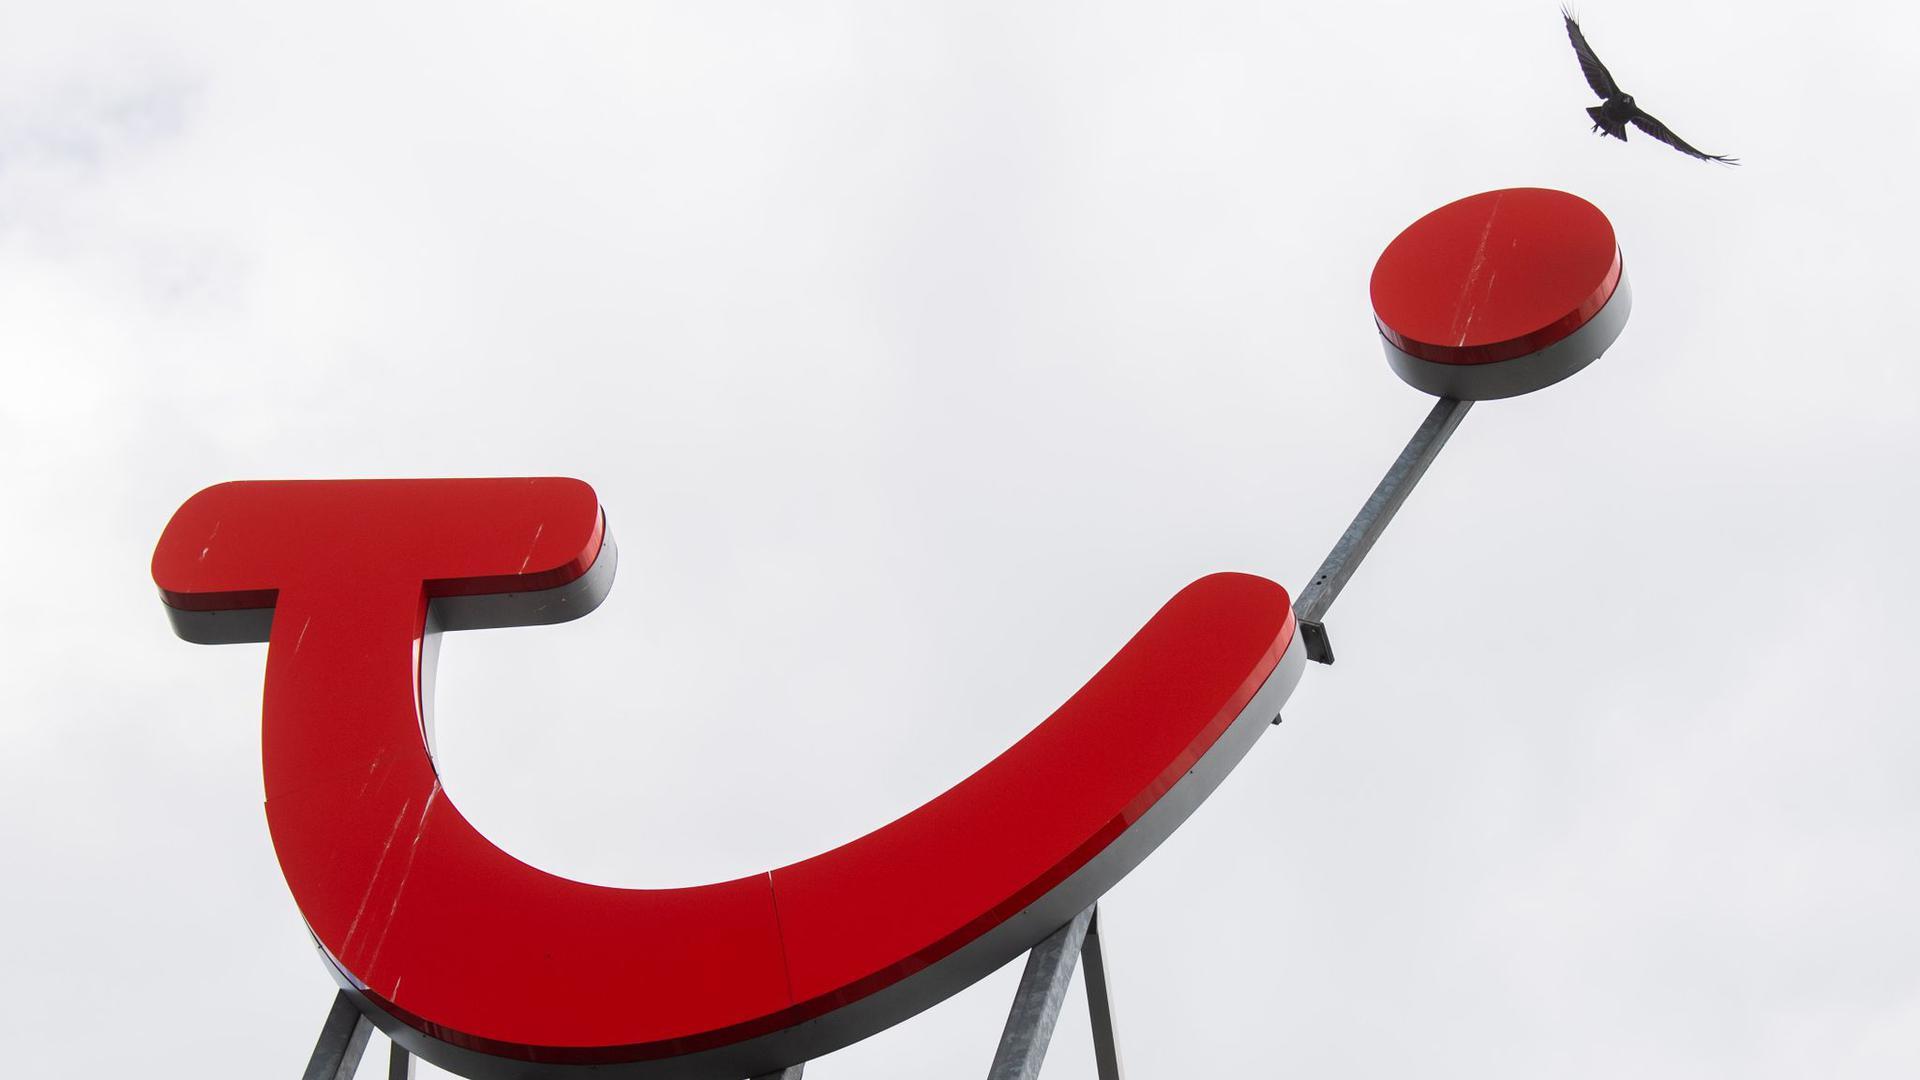 Eine Krähe fliegt über das Logo der Tui Group am Firmensitz.